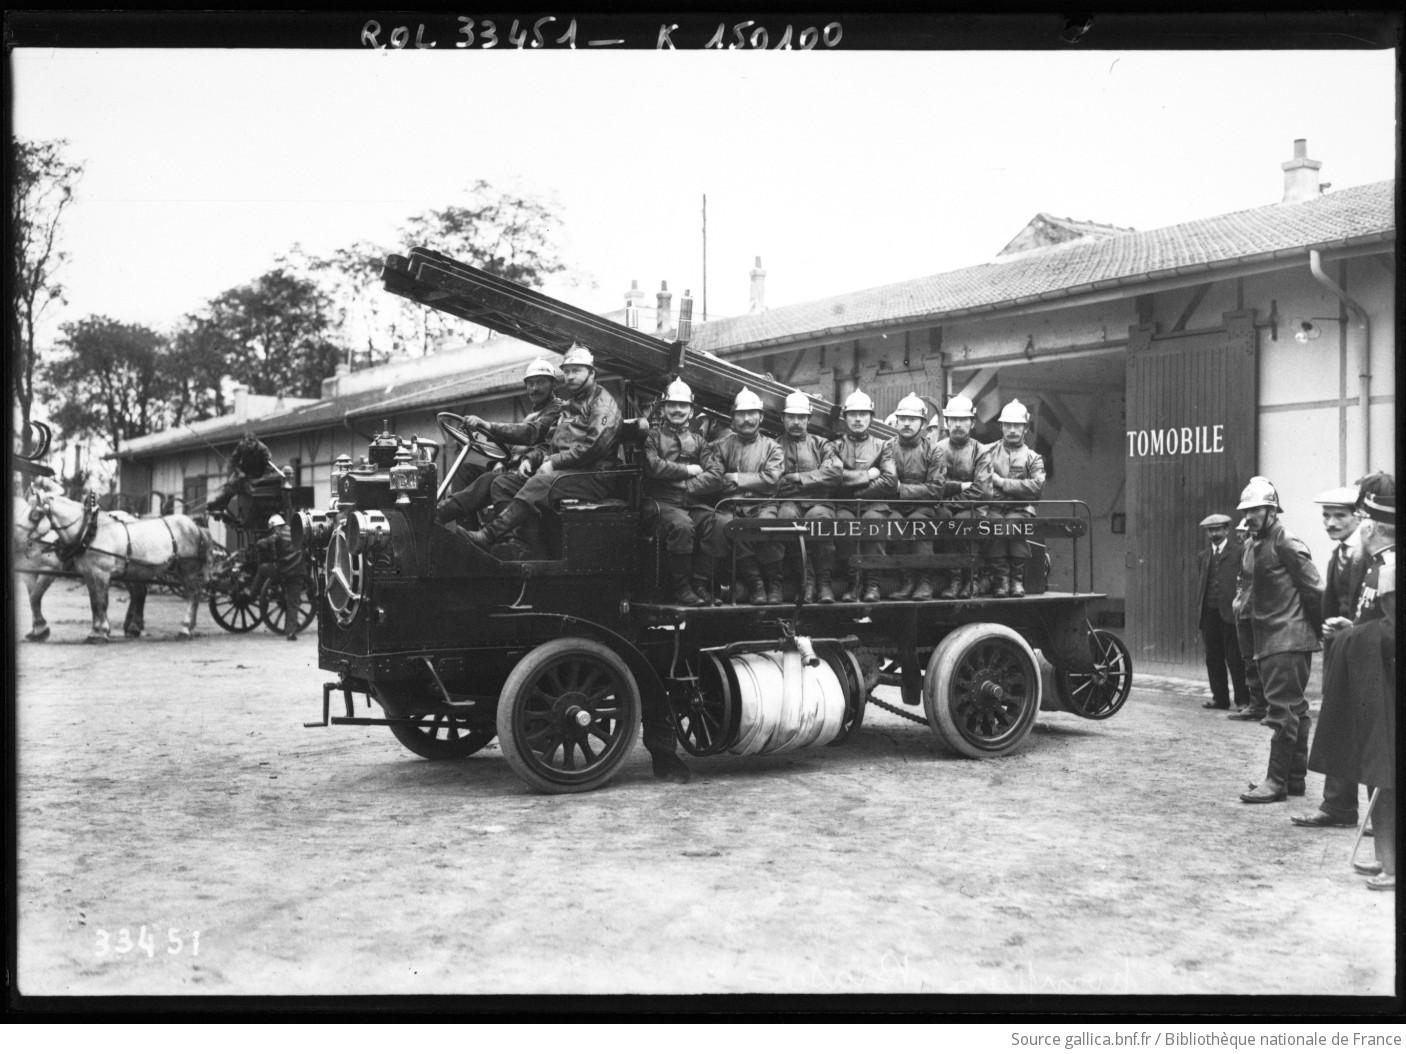 Voiture des pompiers brasier pompiers d 39 ivry sur seine photographie - Acheter a ivry sur seine ...